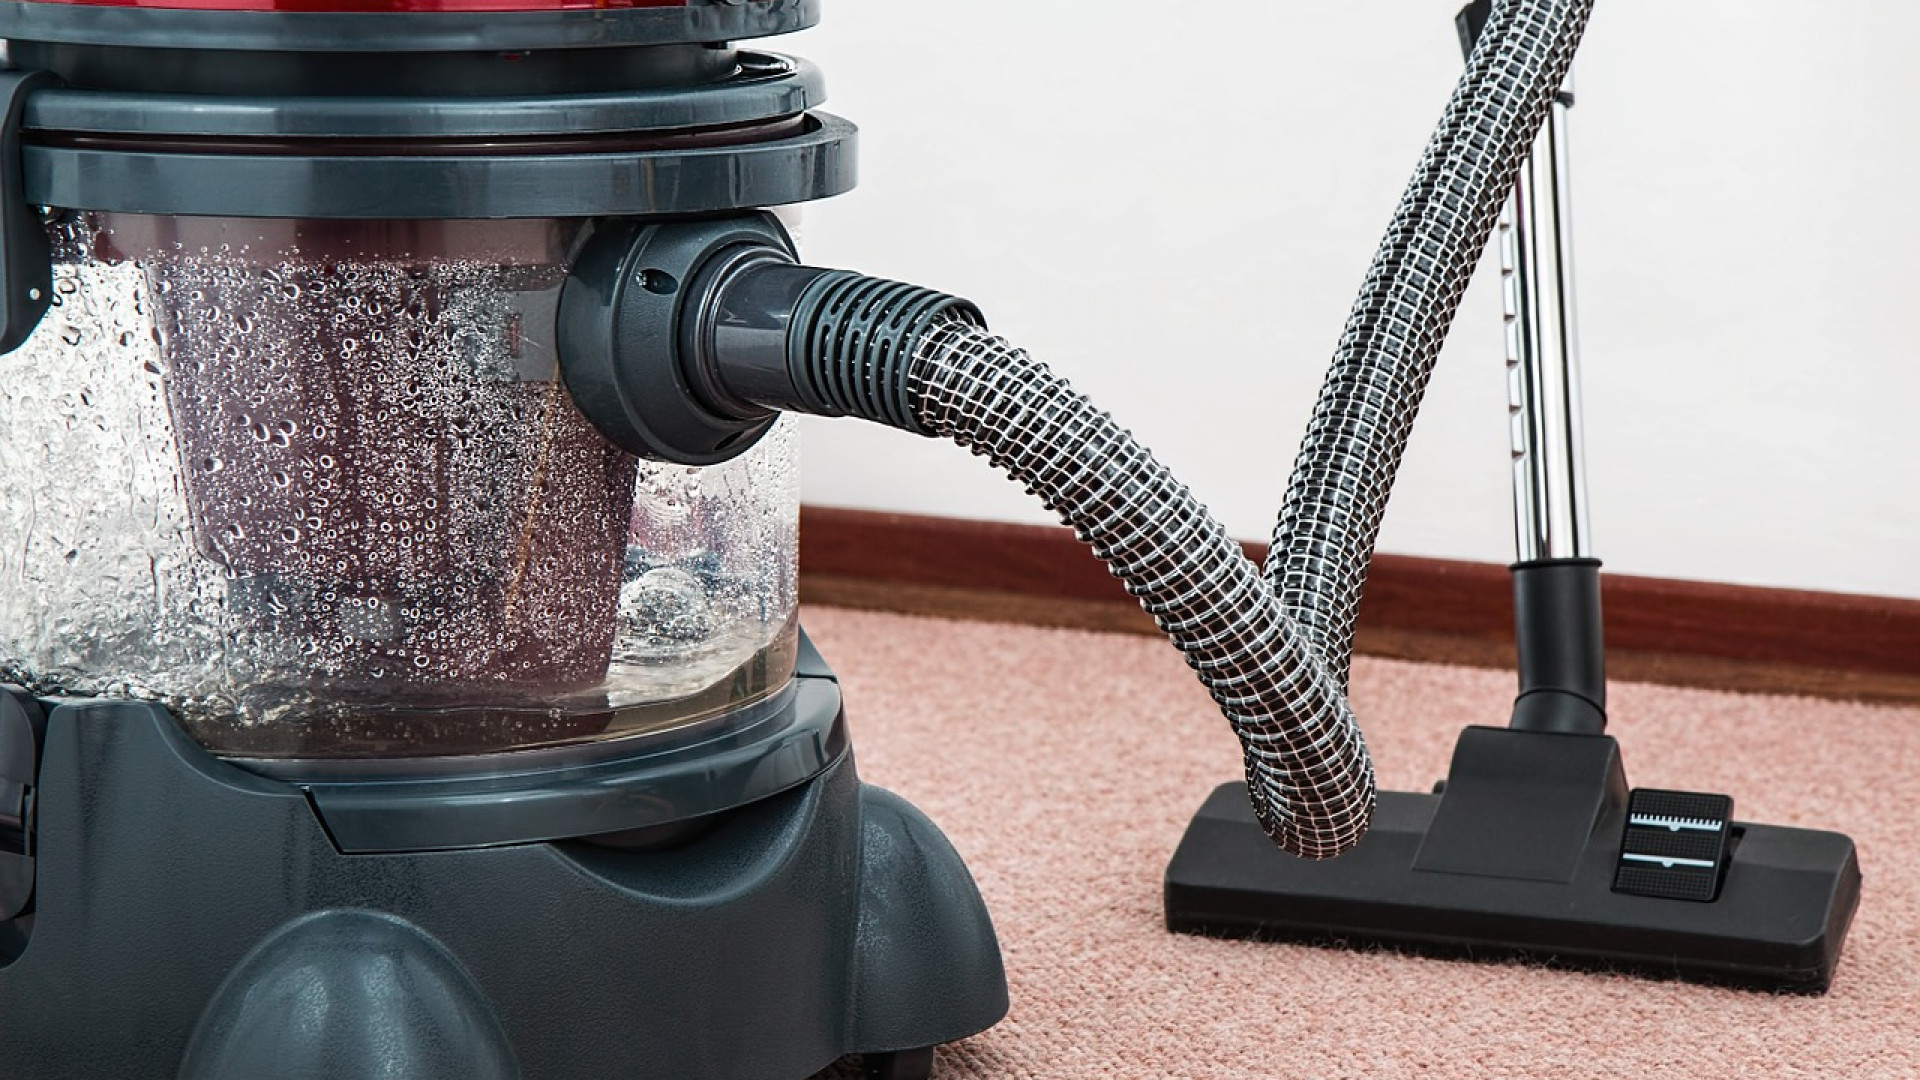 Marre de nettoyer vos sols ? Pensez au robot aspirateur laveur !